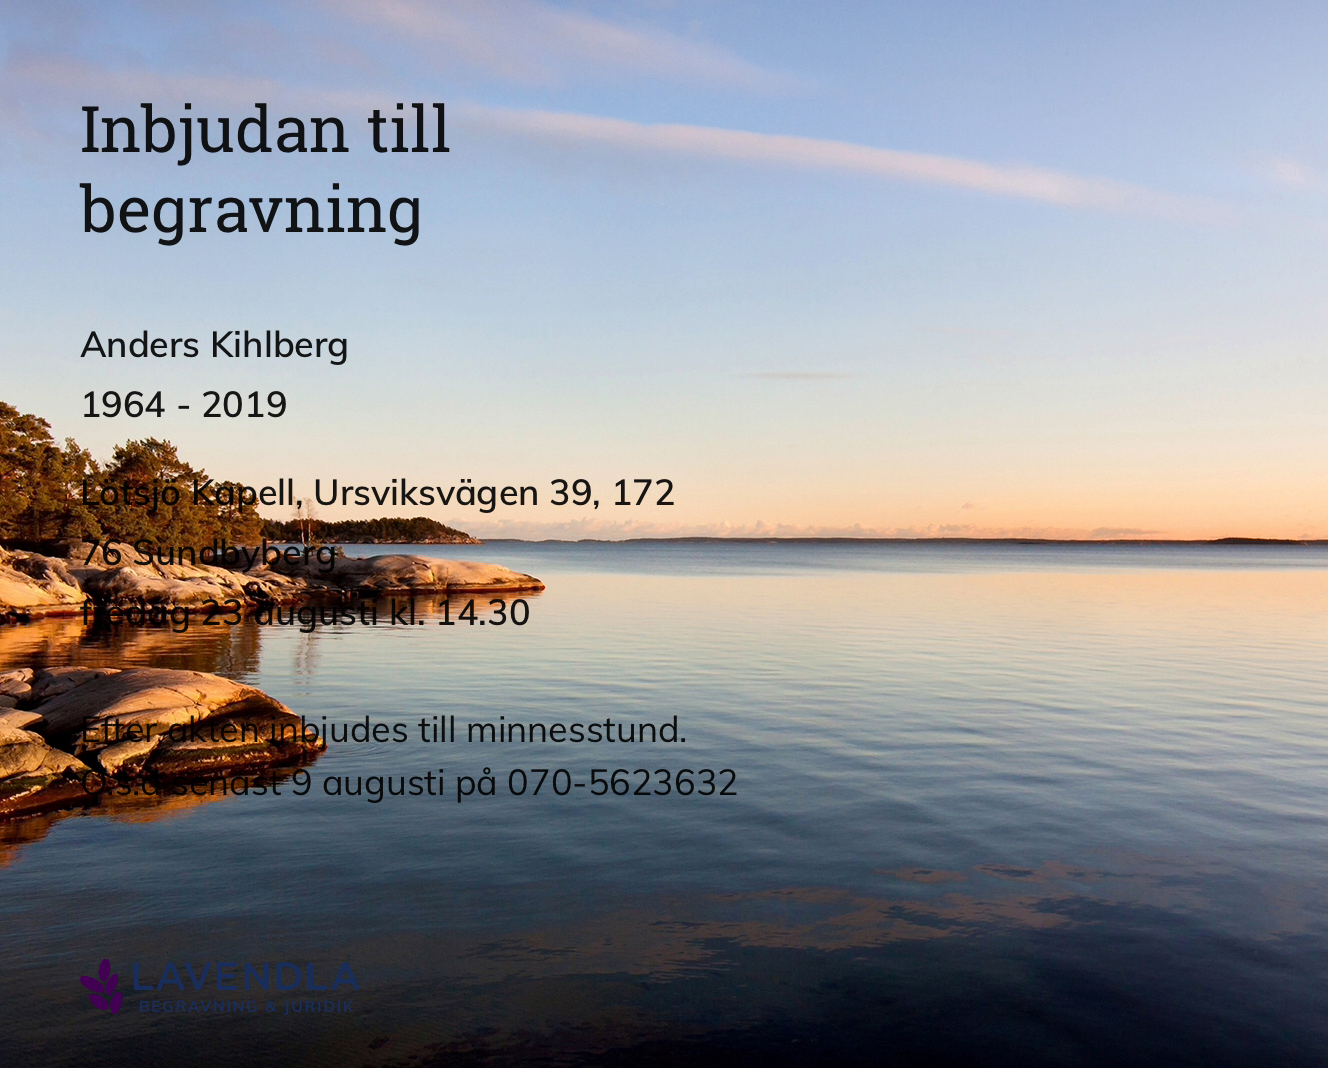 Inbjudningskort till ceremonin för Anders Kihlberg